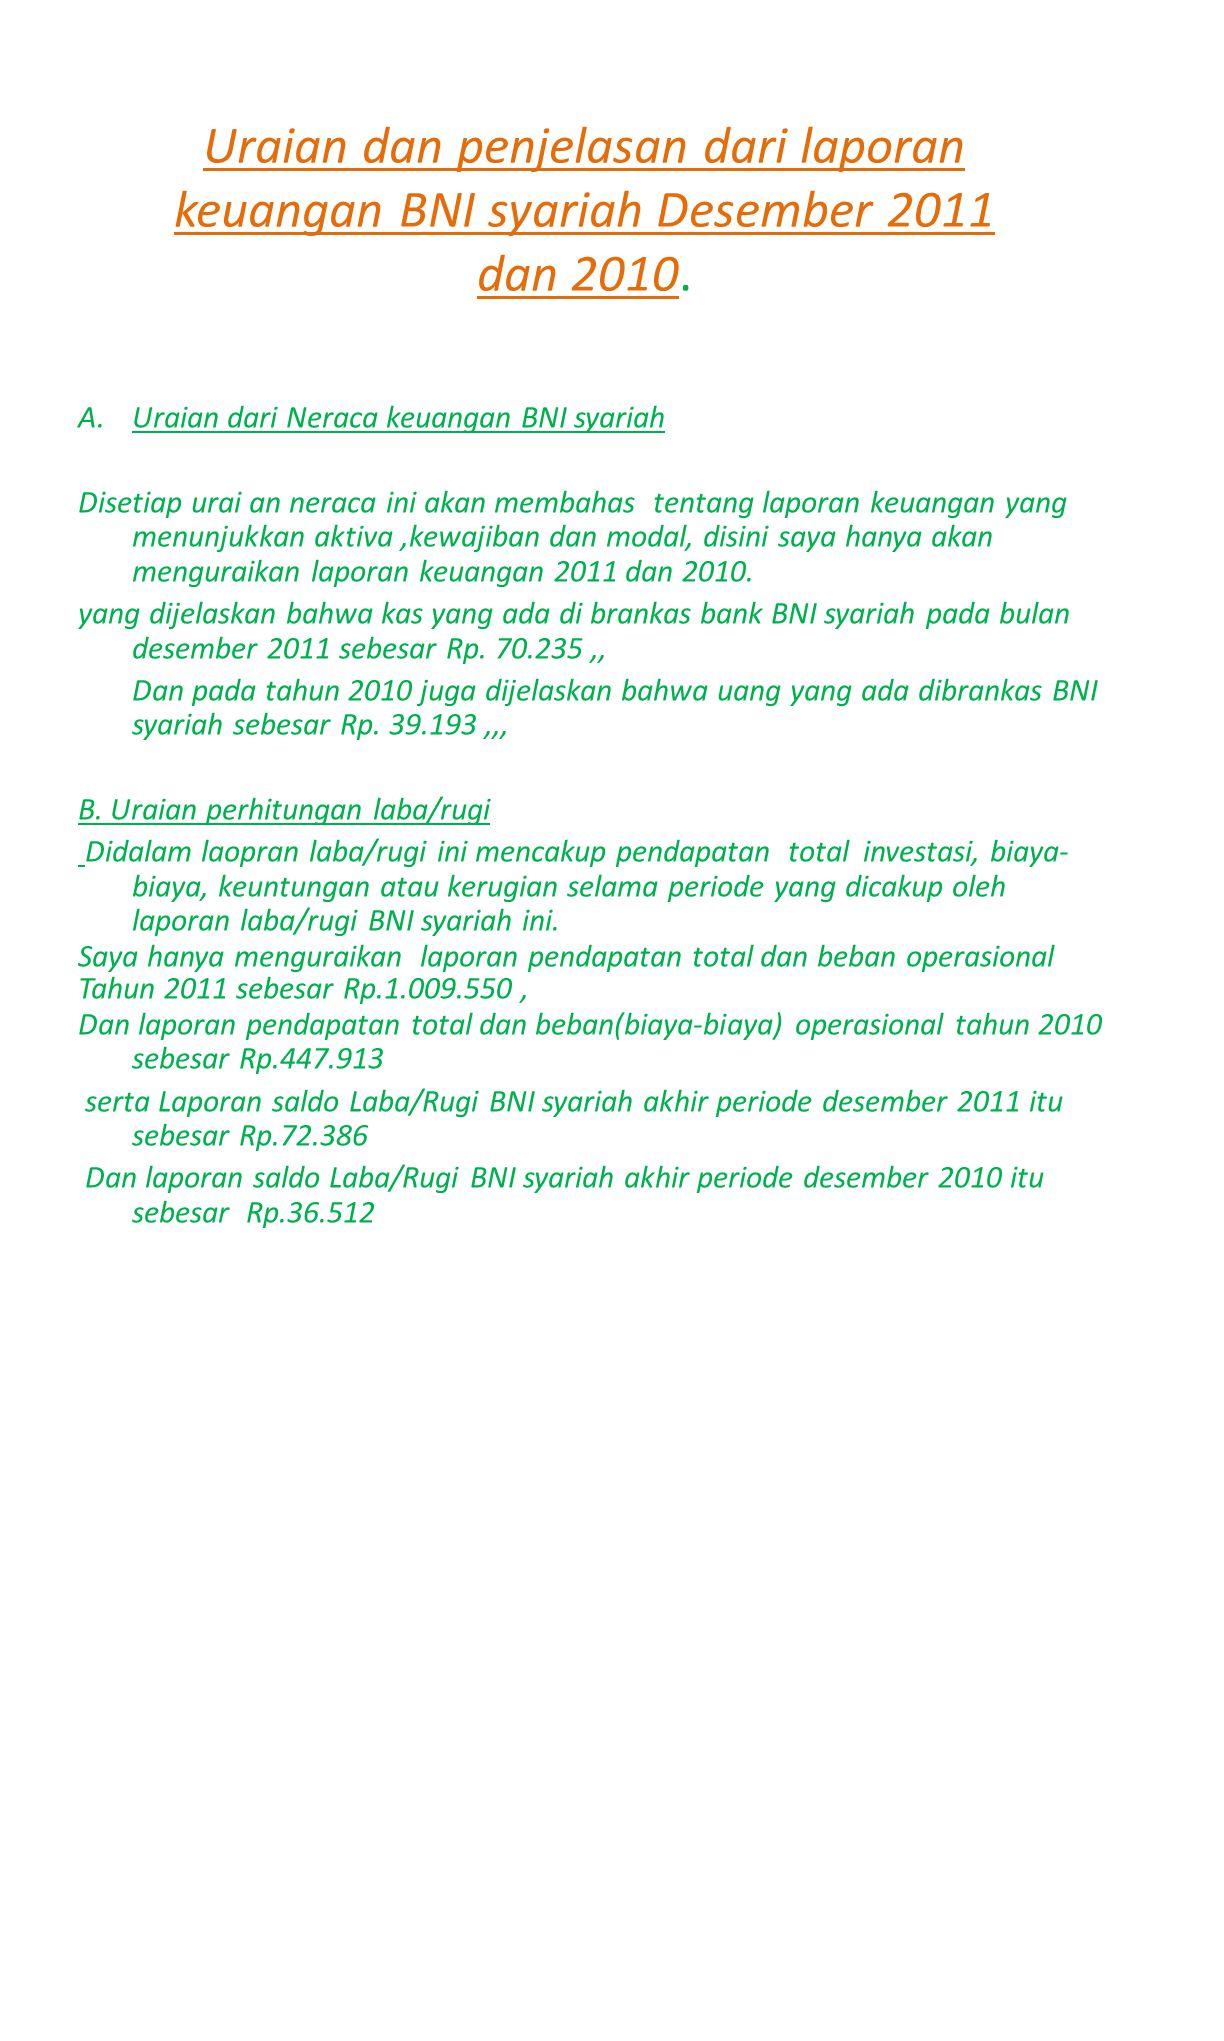 Uraian dan penjelasan dari laporan keuangan BNI syariah Desember 2011 dan 2010.